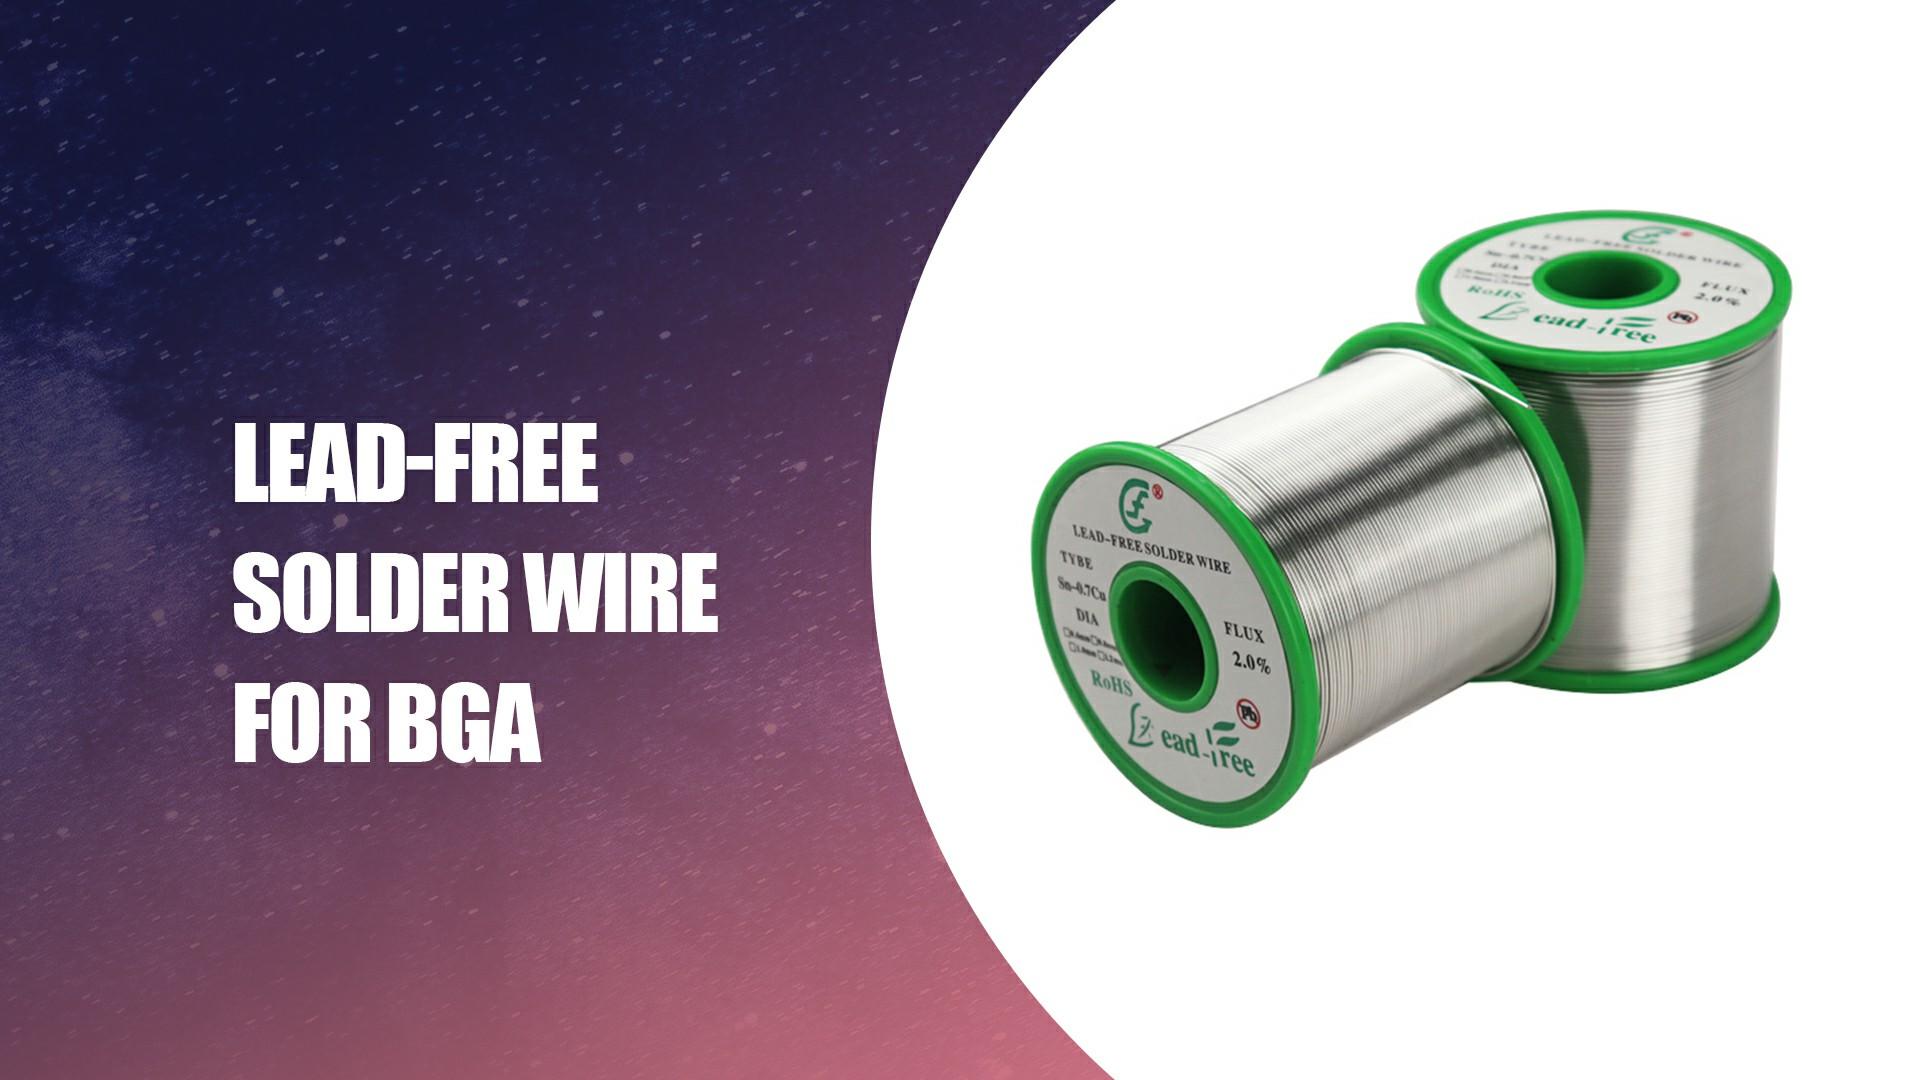 Kawat solder bebas timbal untuk BGA